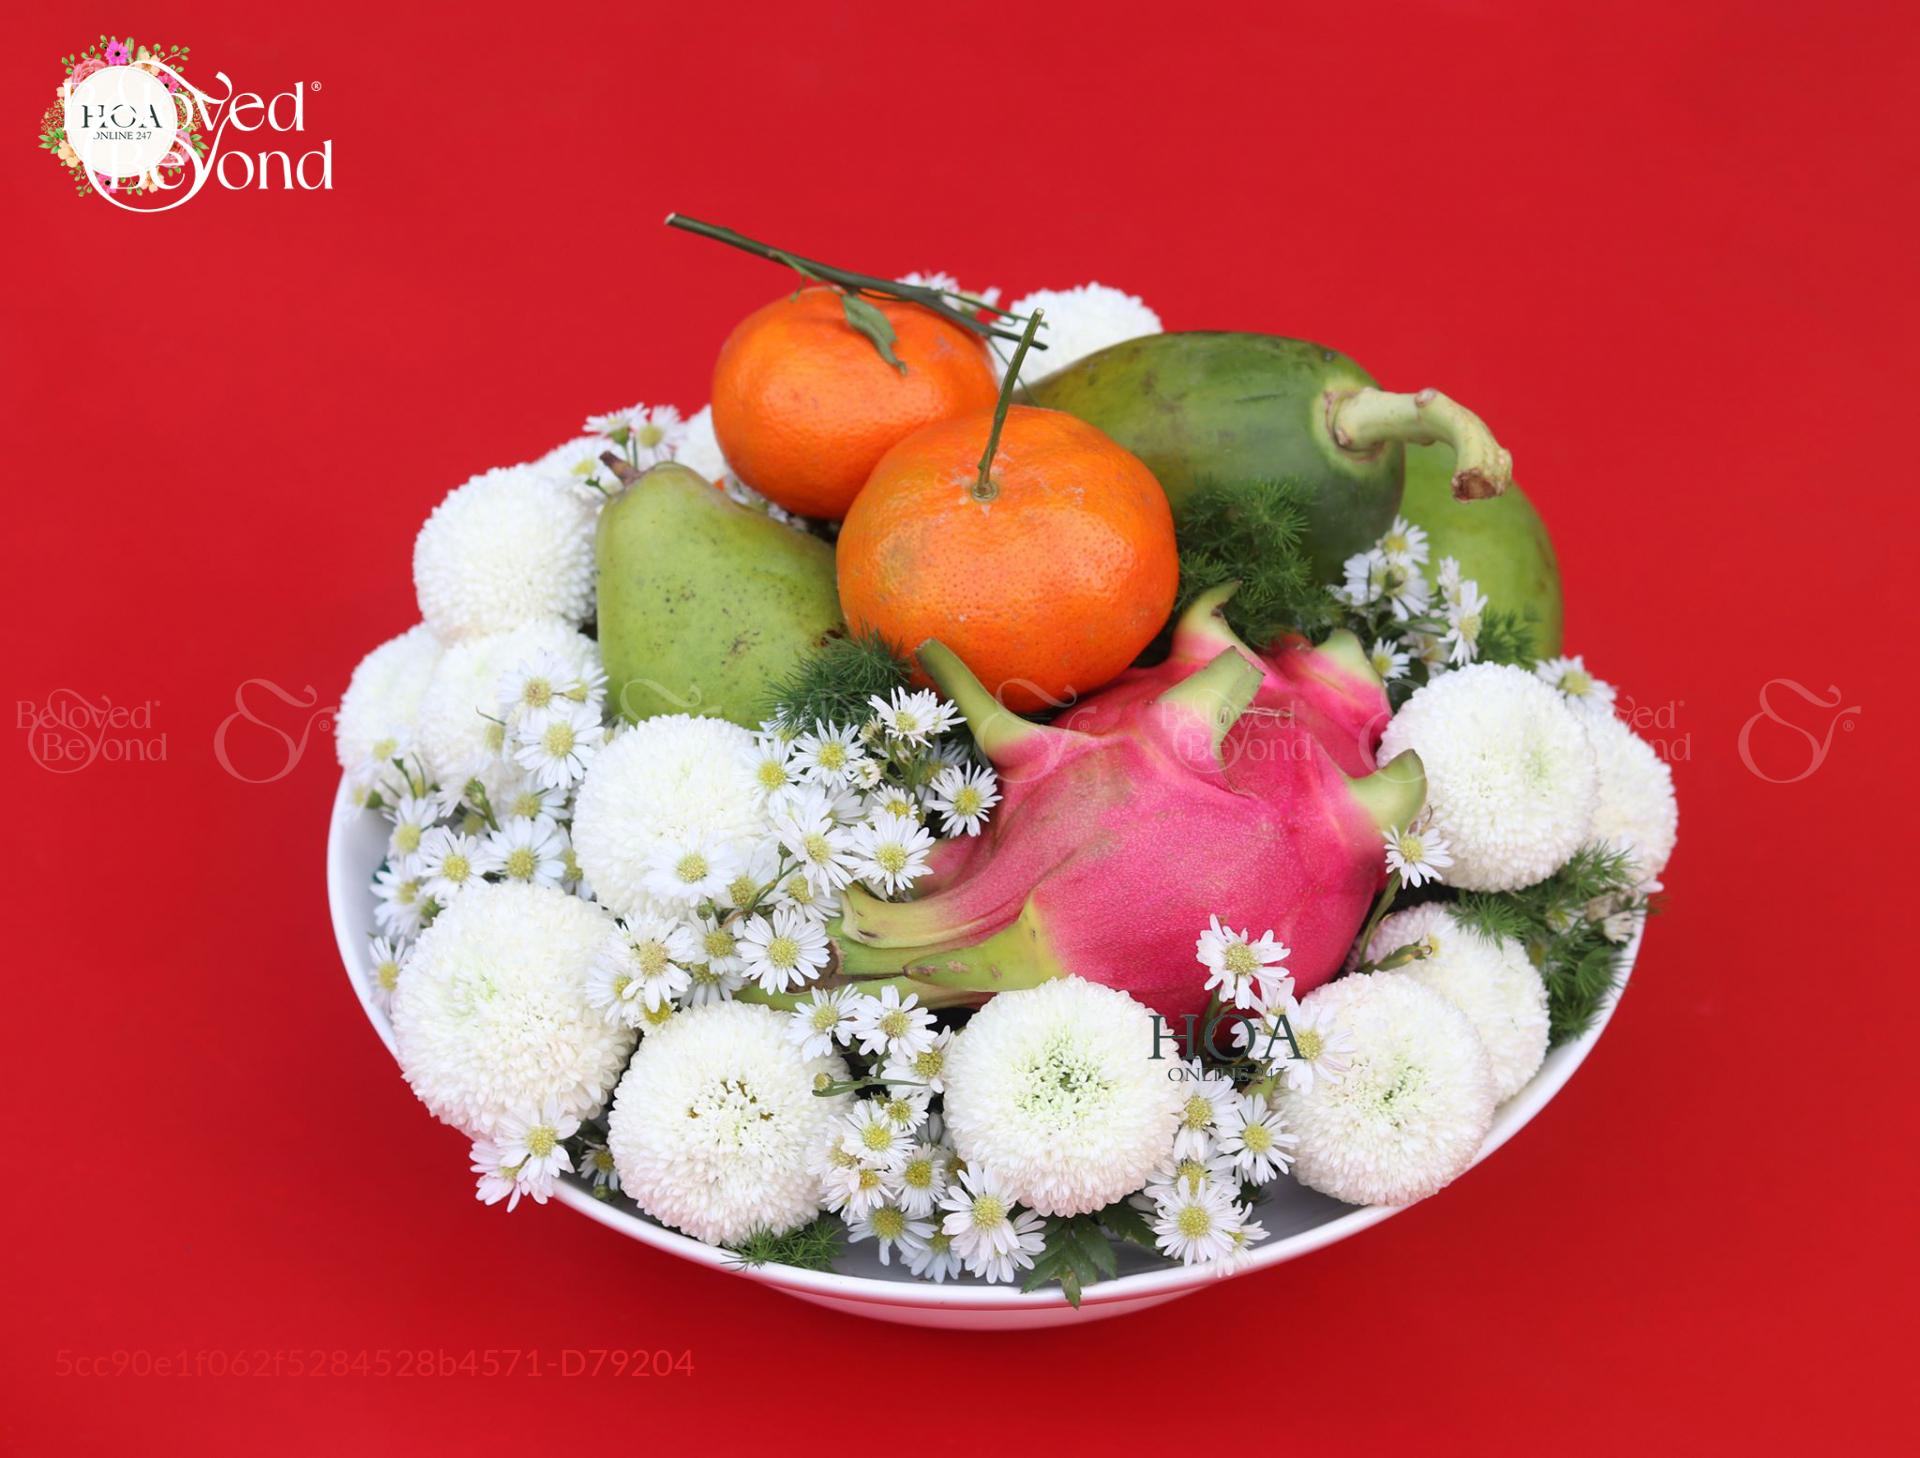 Trọn Vẹn - D79204 - xinhtuoi.online